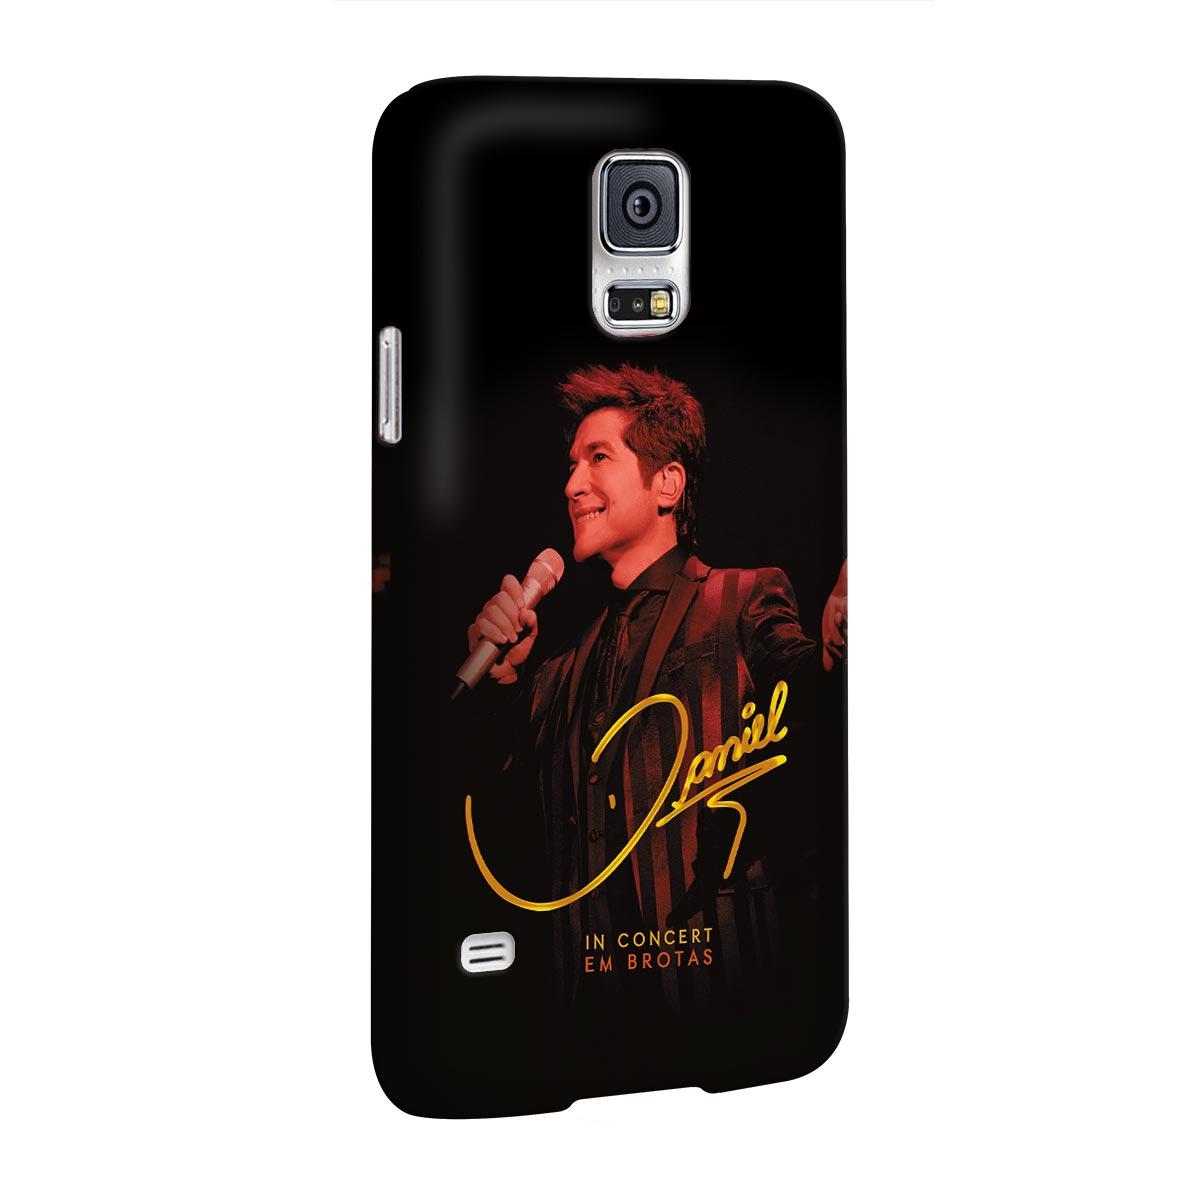 Capa de Galaxy S5 Daniel In Concert